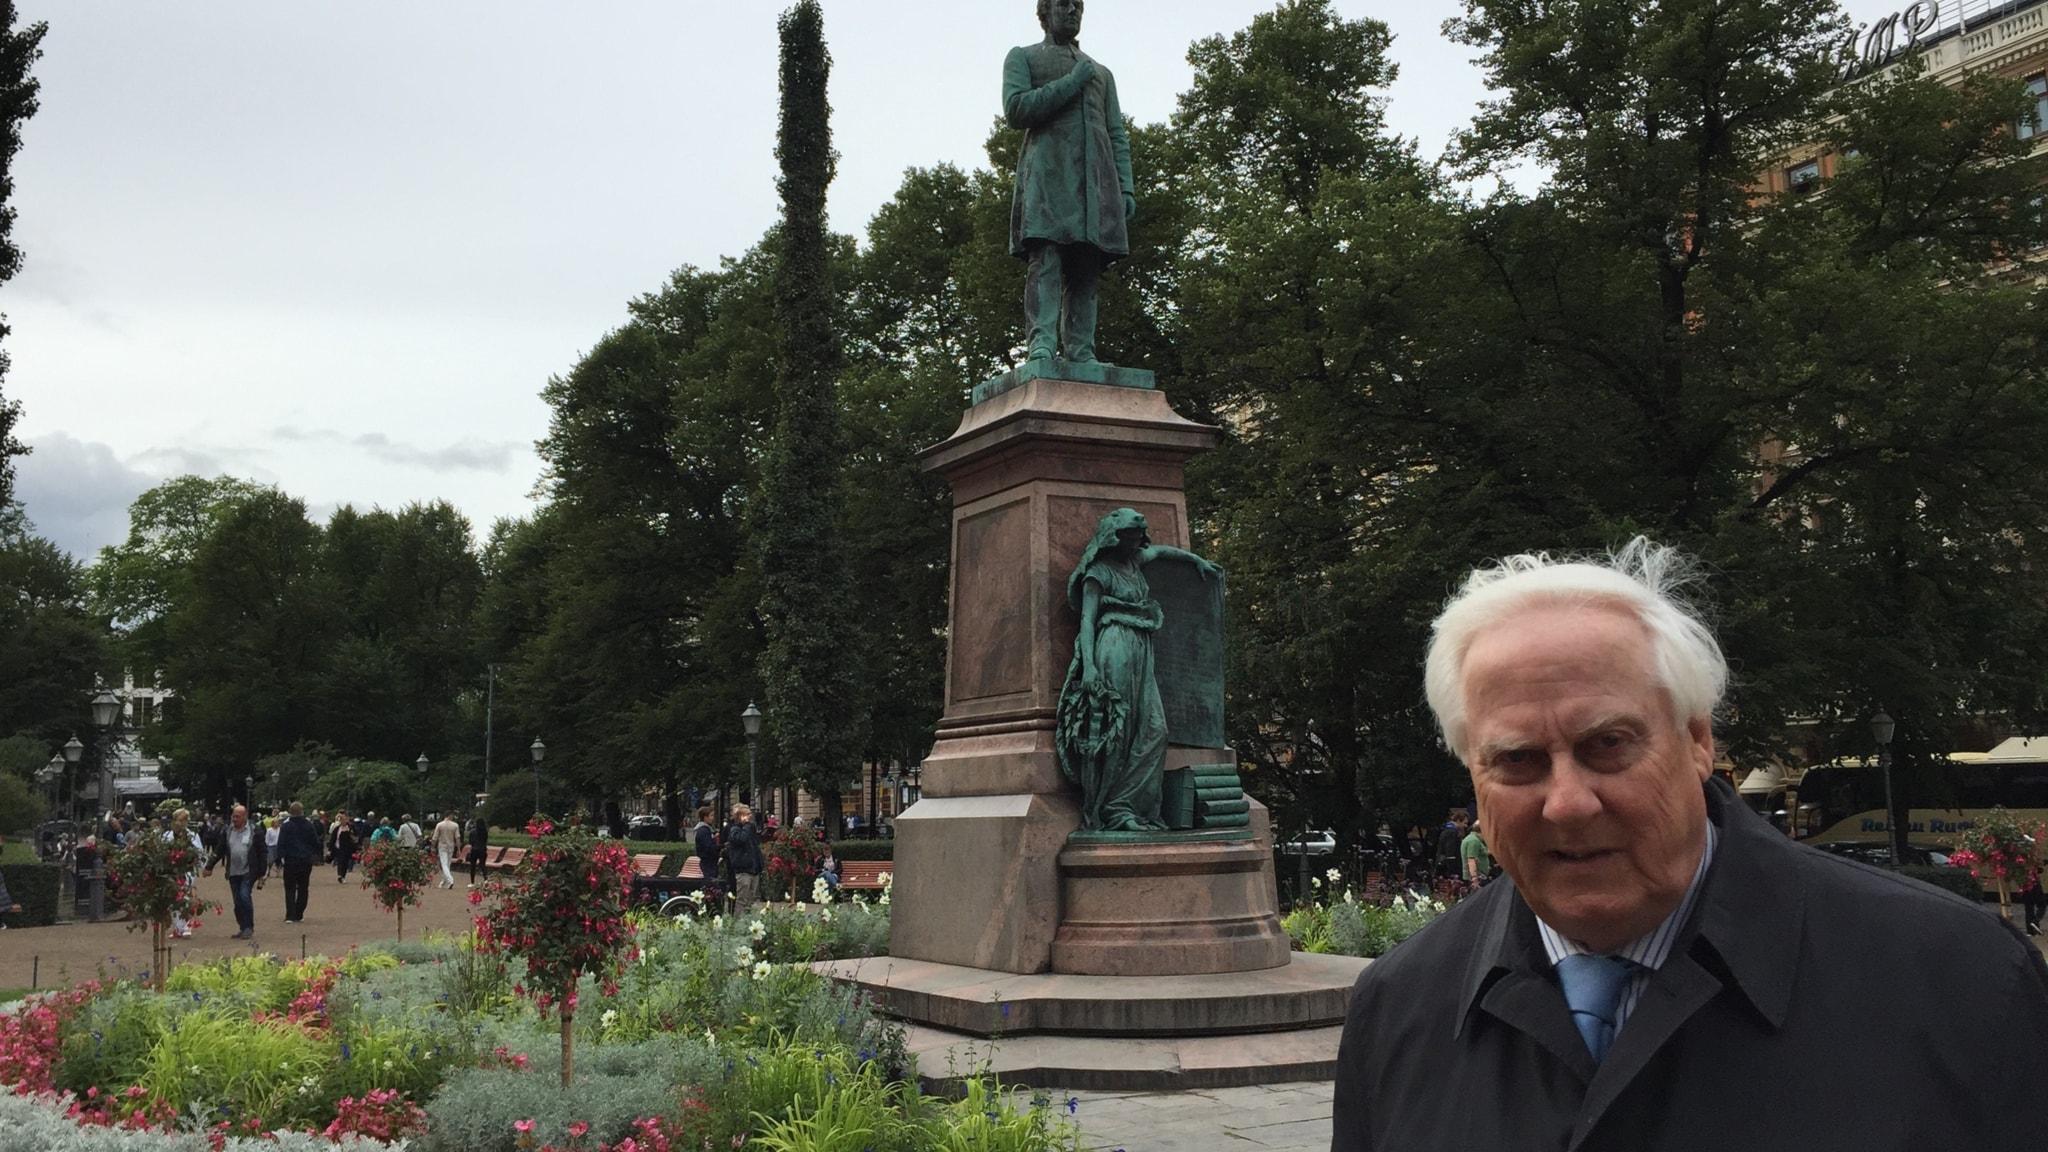 Suurlähettiläs Heikki Talvitie. Foto: Pirjo Hamilton/SR